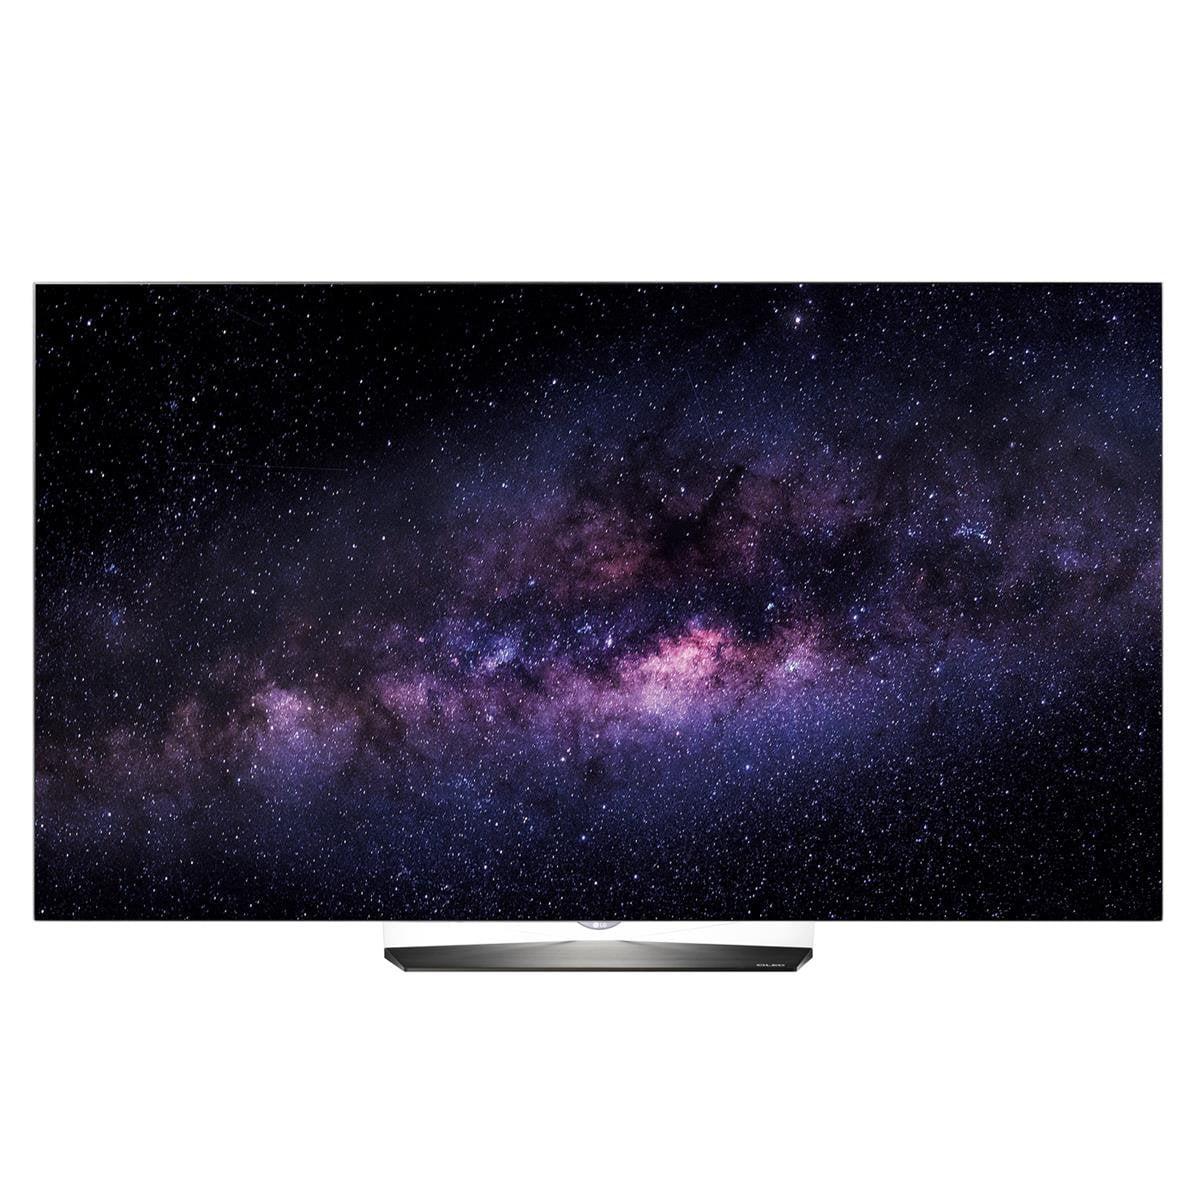 LG Electronics LG OLED55B6P 55 2160p OLED TV  -  16:9  -  4K UHDTV